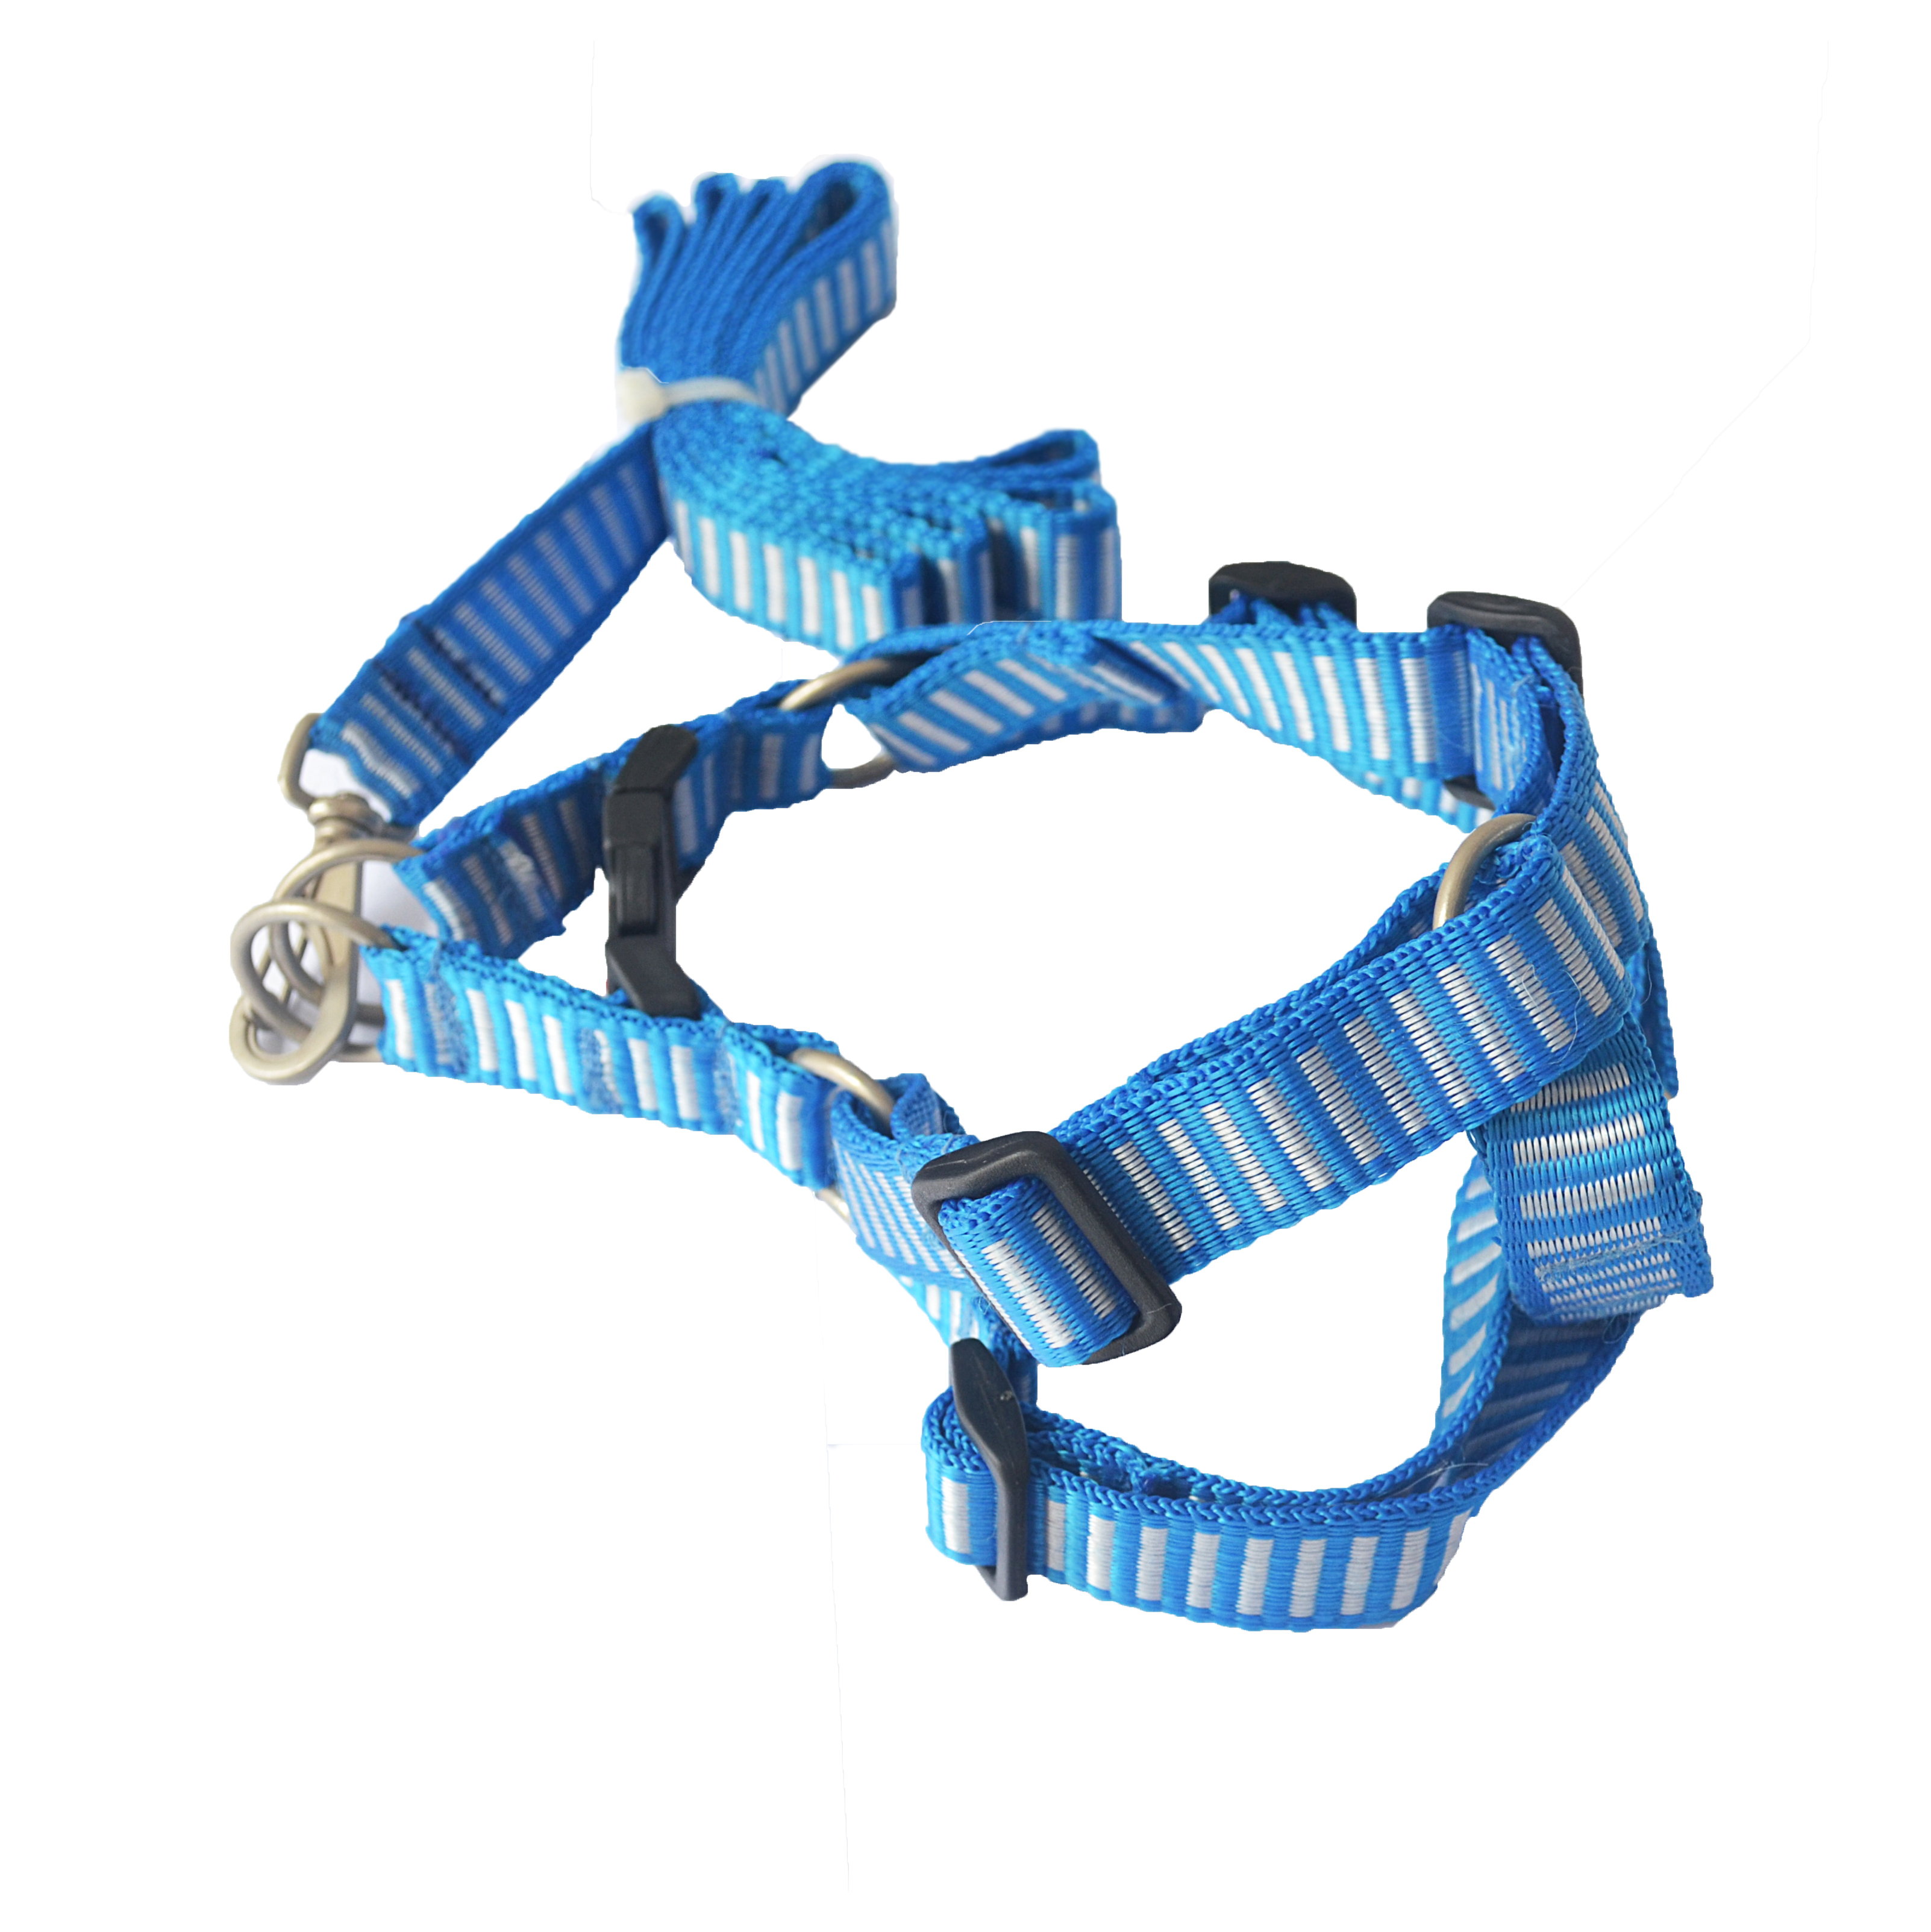 Peitoral ajustável com Guia blue & white - mundodaspataspet.com.br